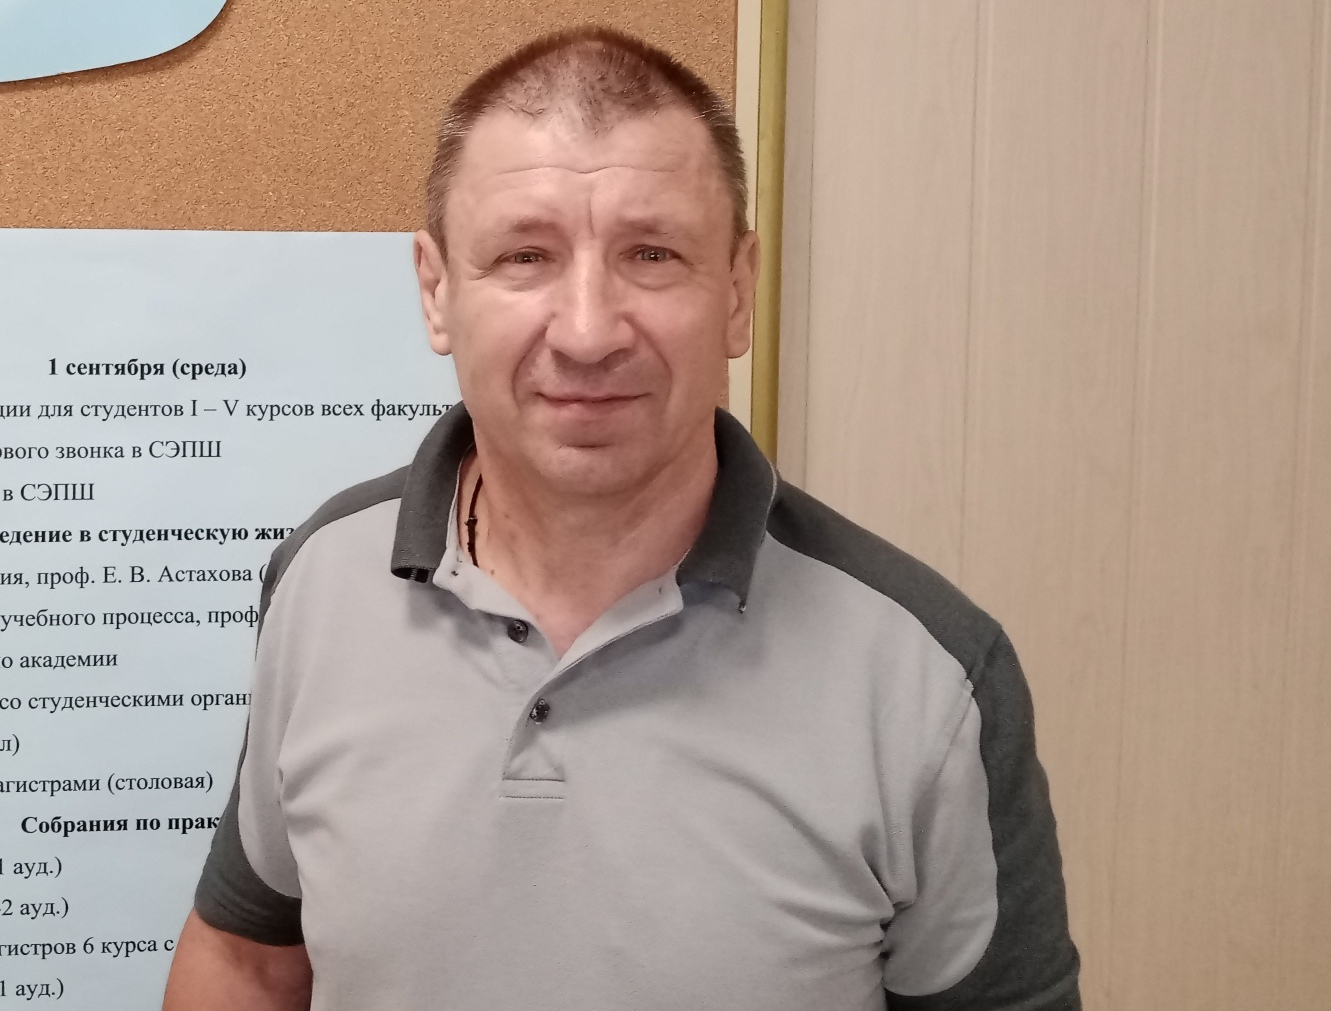 Козыренко Виктор Петрович